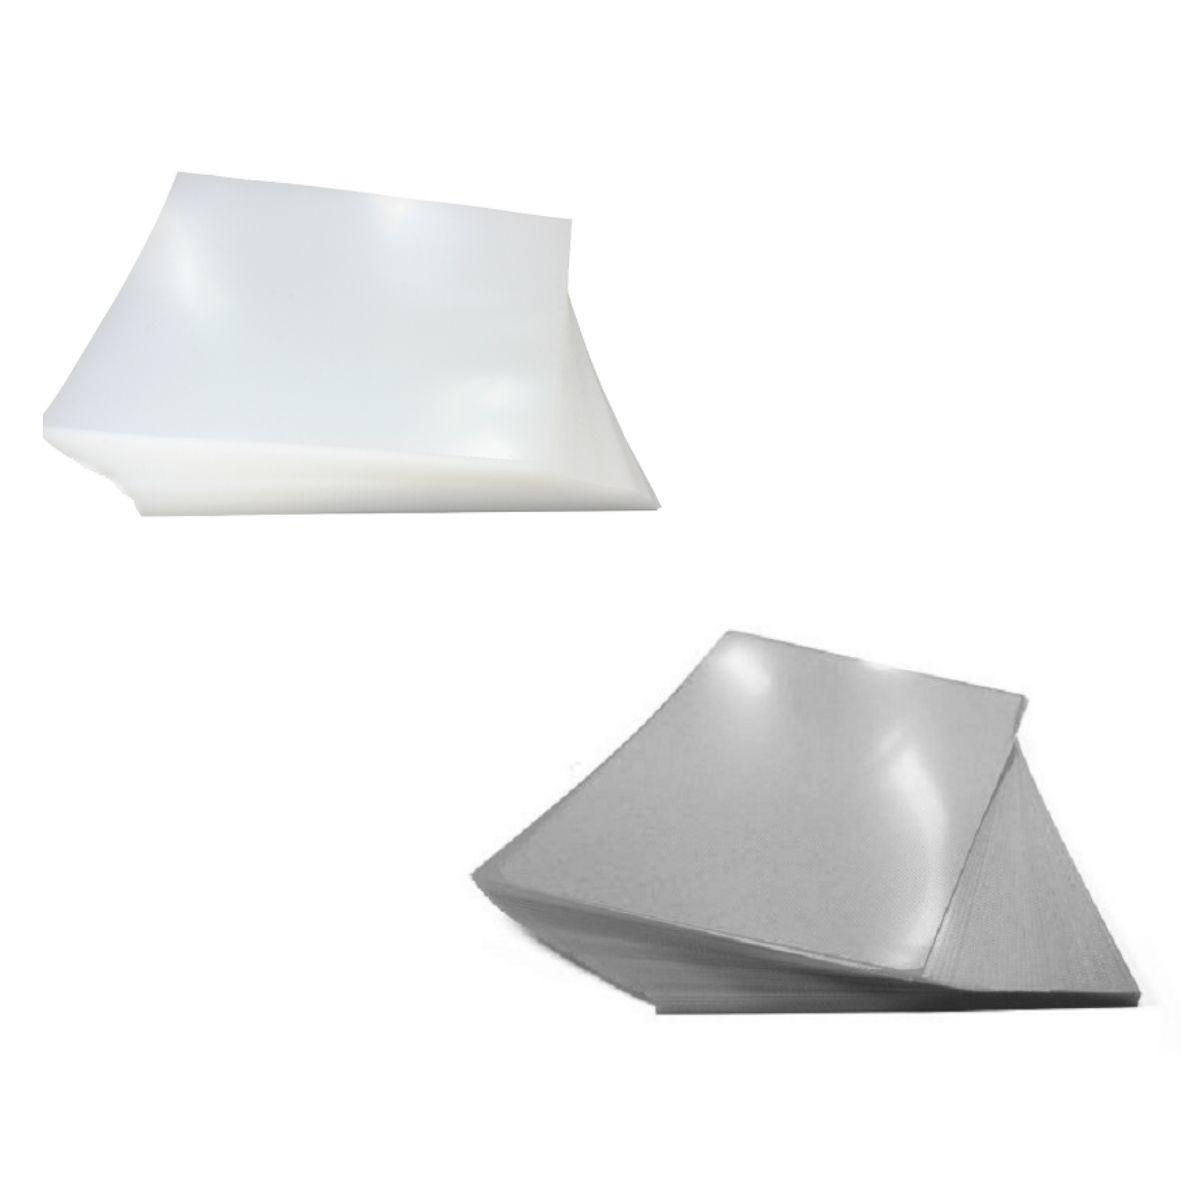 Kit 200 Capas para Encadernação A4 - Cristal Line (Frente) e Fumê Couro (Fundo)  - Click Suprimentos